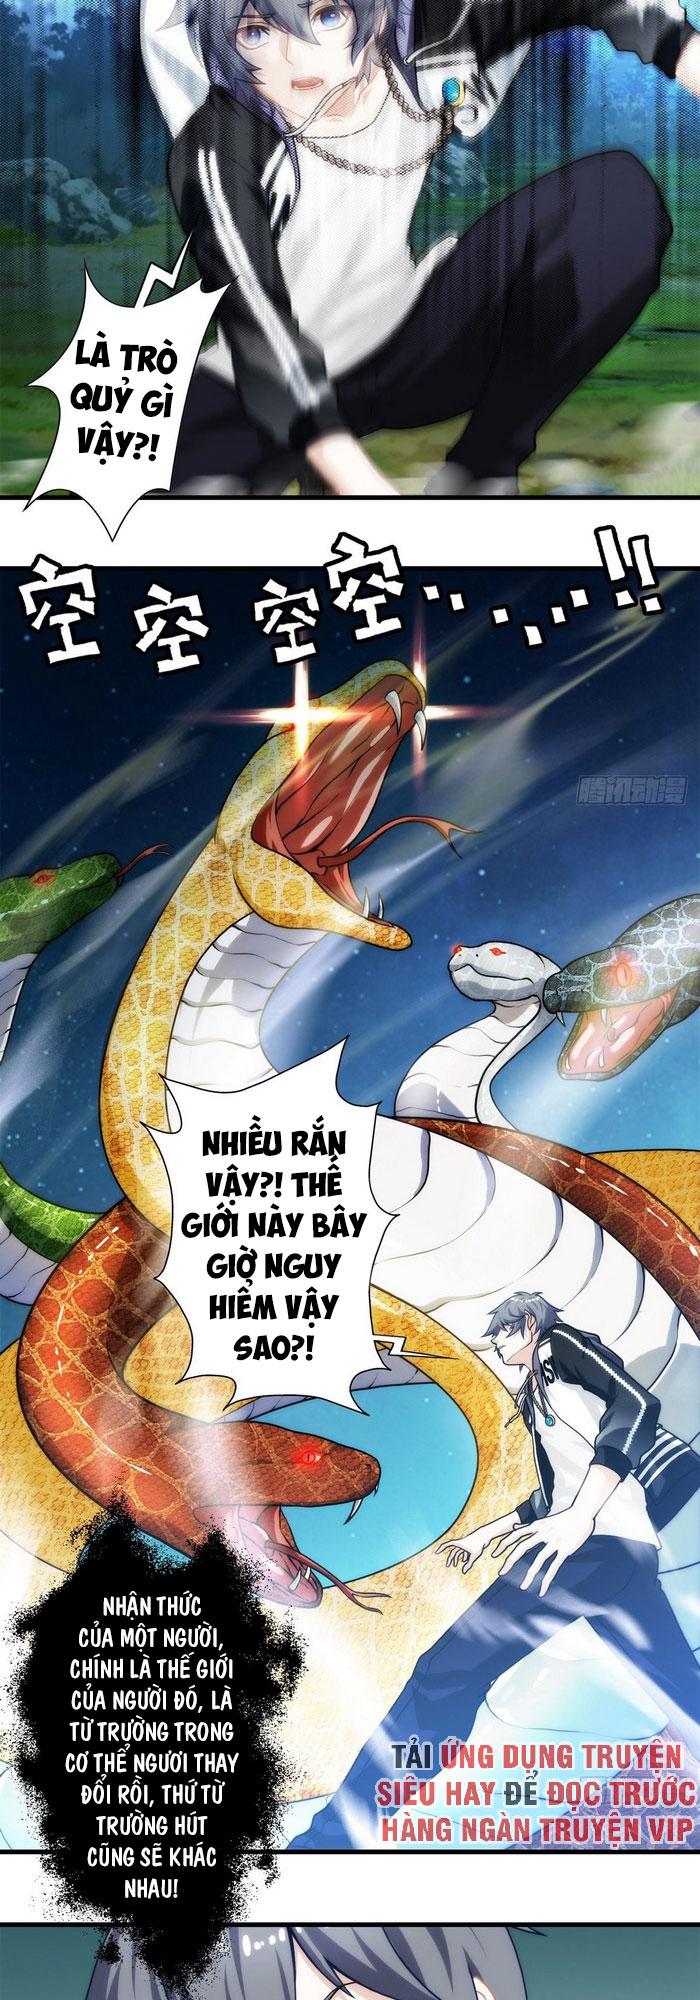 Ta Tu Linh Mạch Ở Hoa Hạ chap 8 - Trang 21